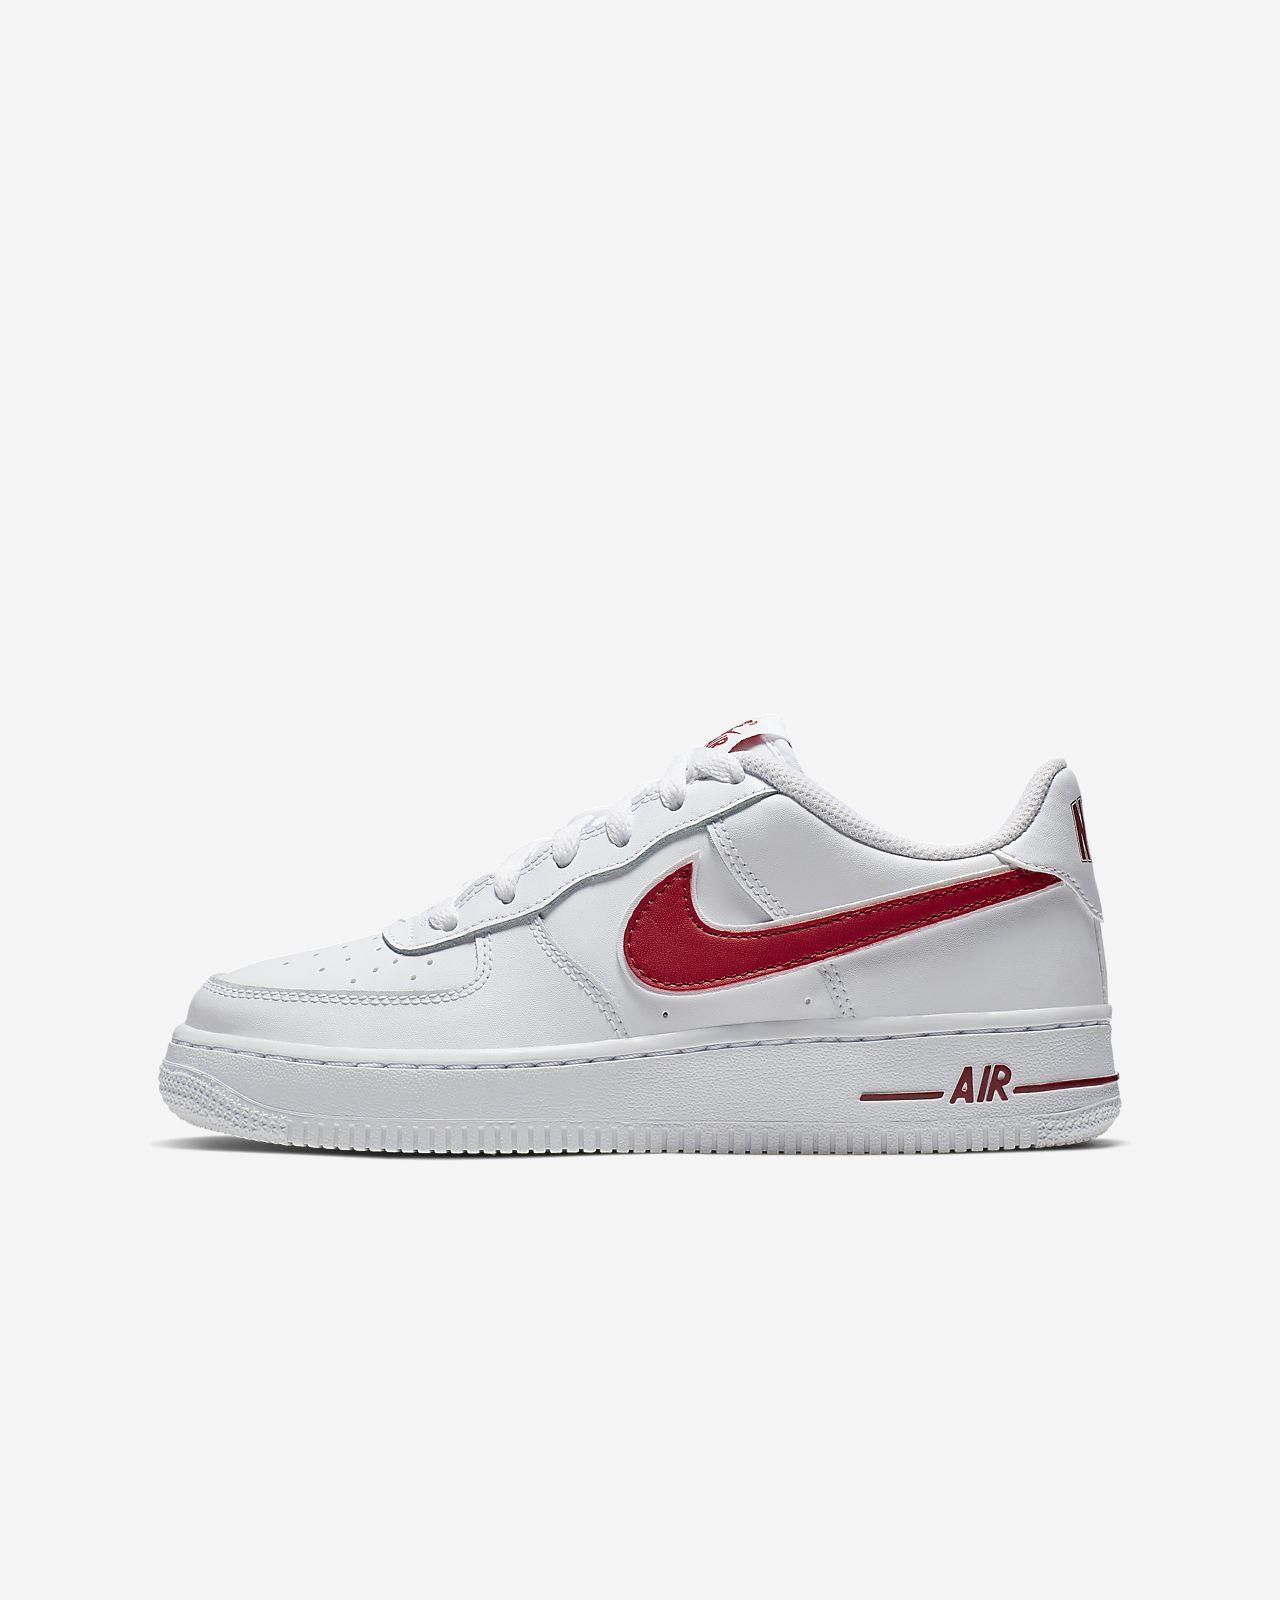 0925e03e536c Chaussure Nike Air Force 1-3 pour Enfant plus âgé. Nike.com FR